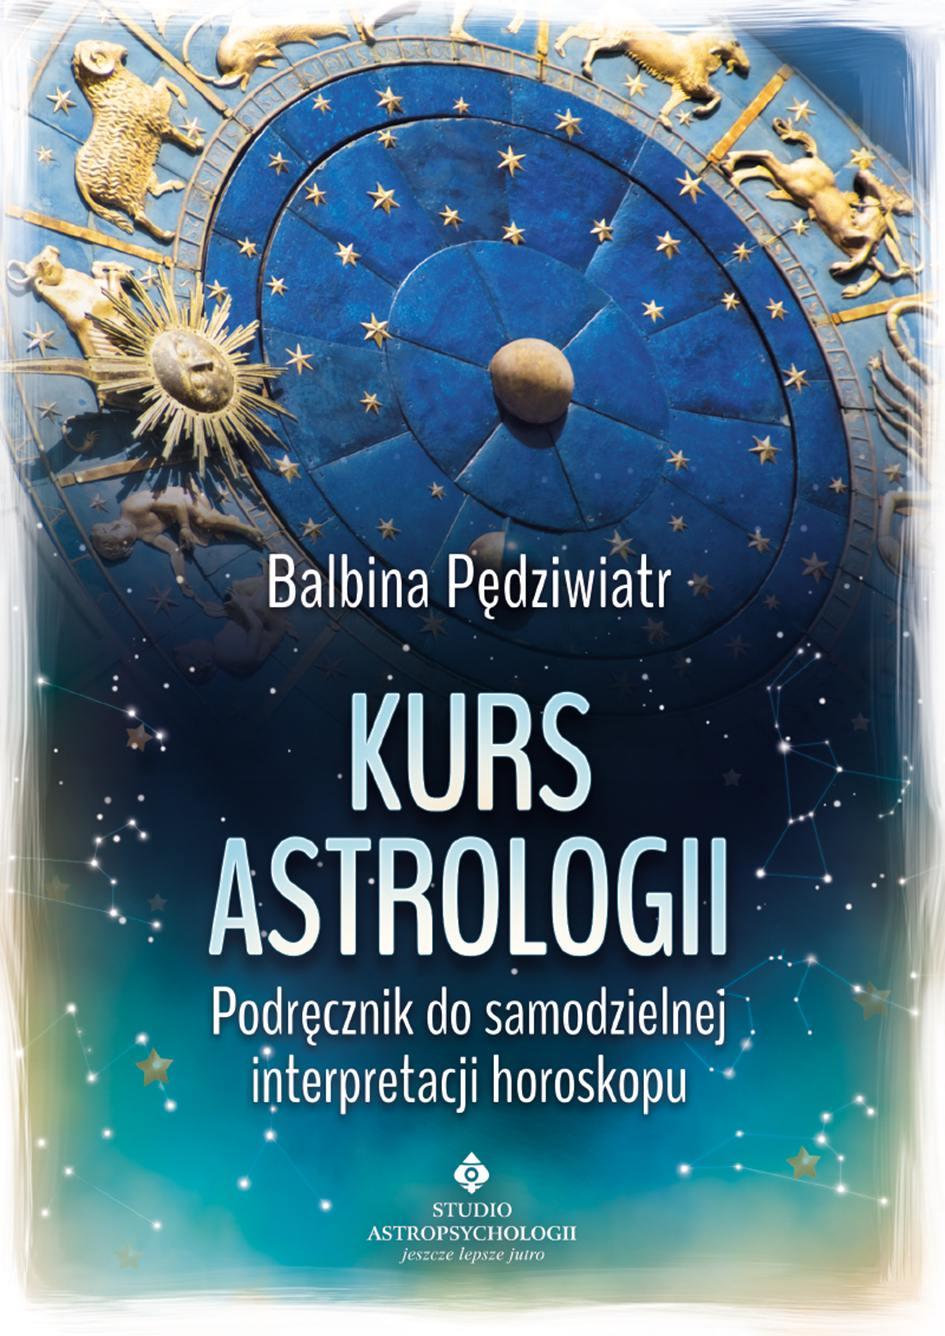 Kurs astrologii. Podręcznik do samodzielnej interpretacji horoskopu - Ebook (Książka EPUB) do pobrania w formacie EPUB